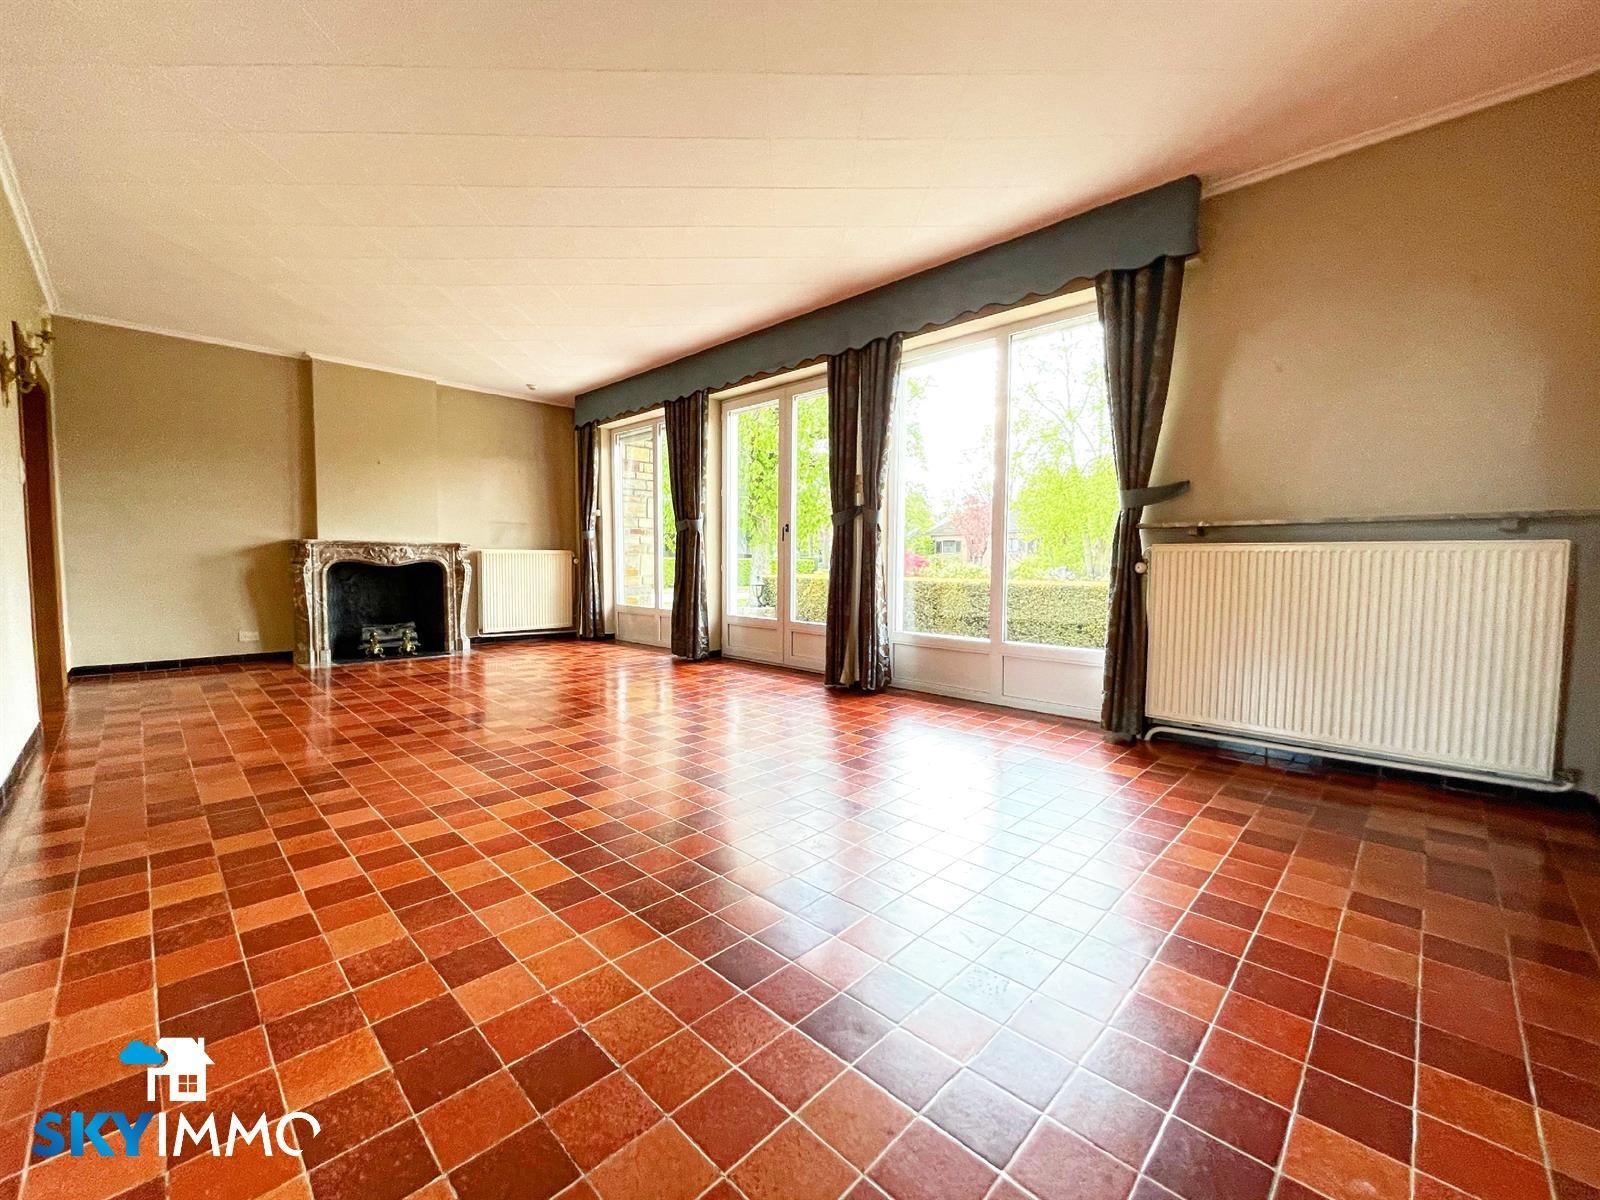 Maison - Liege - #4350467-6